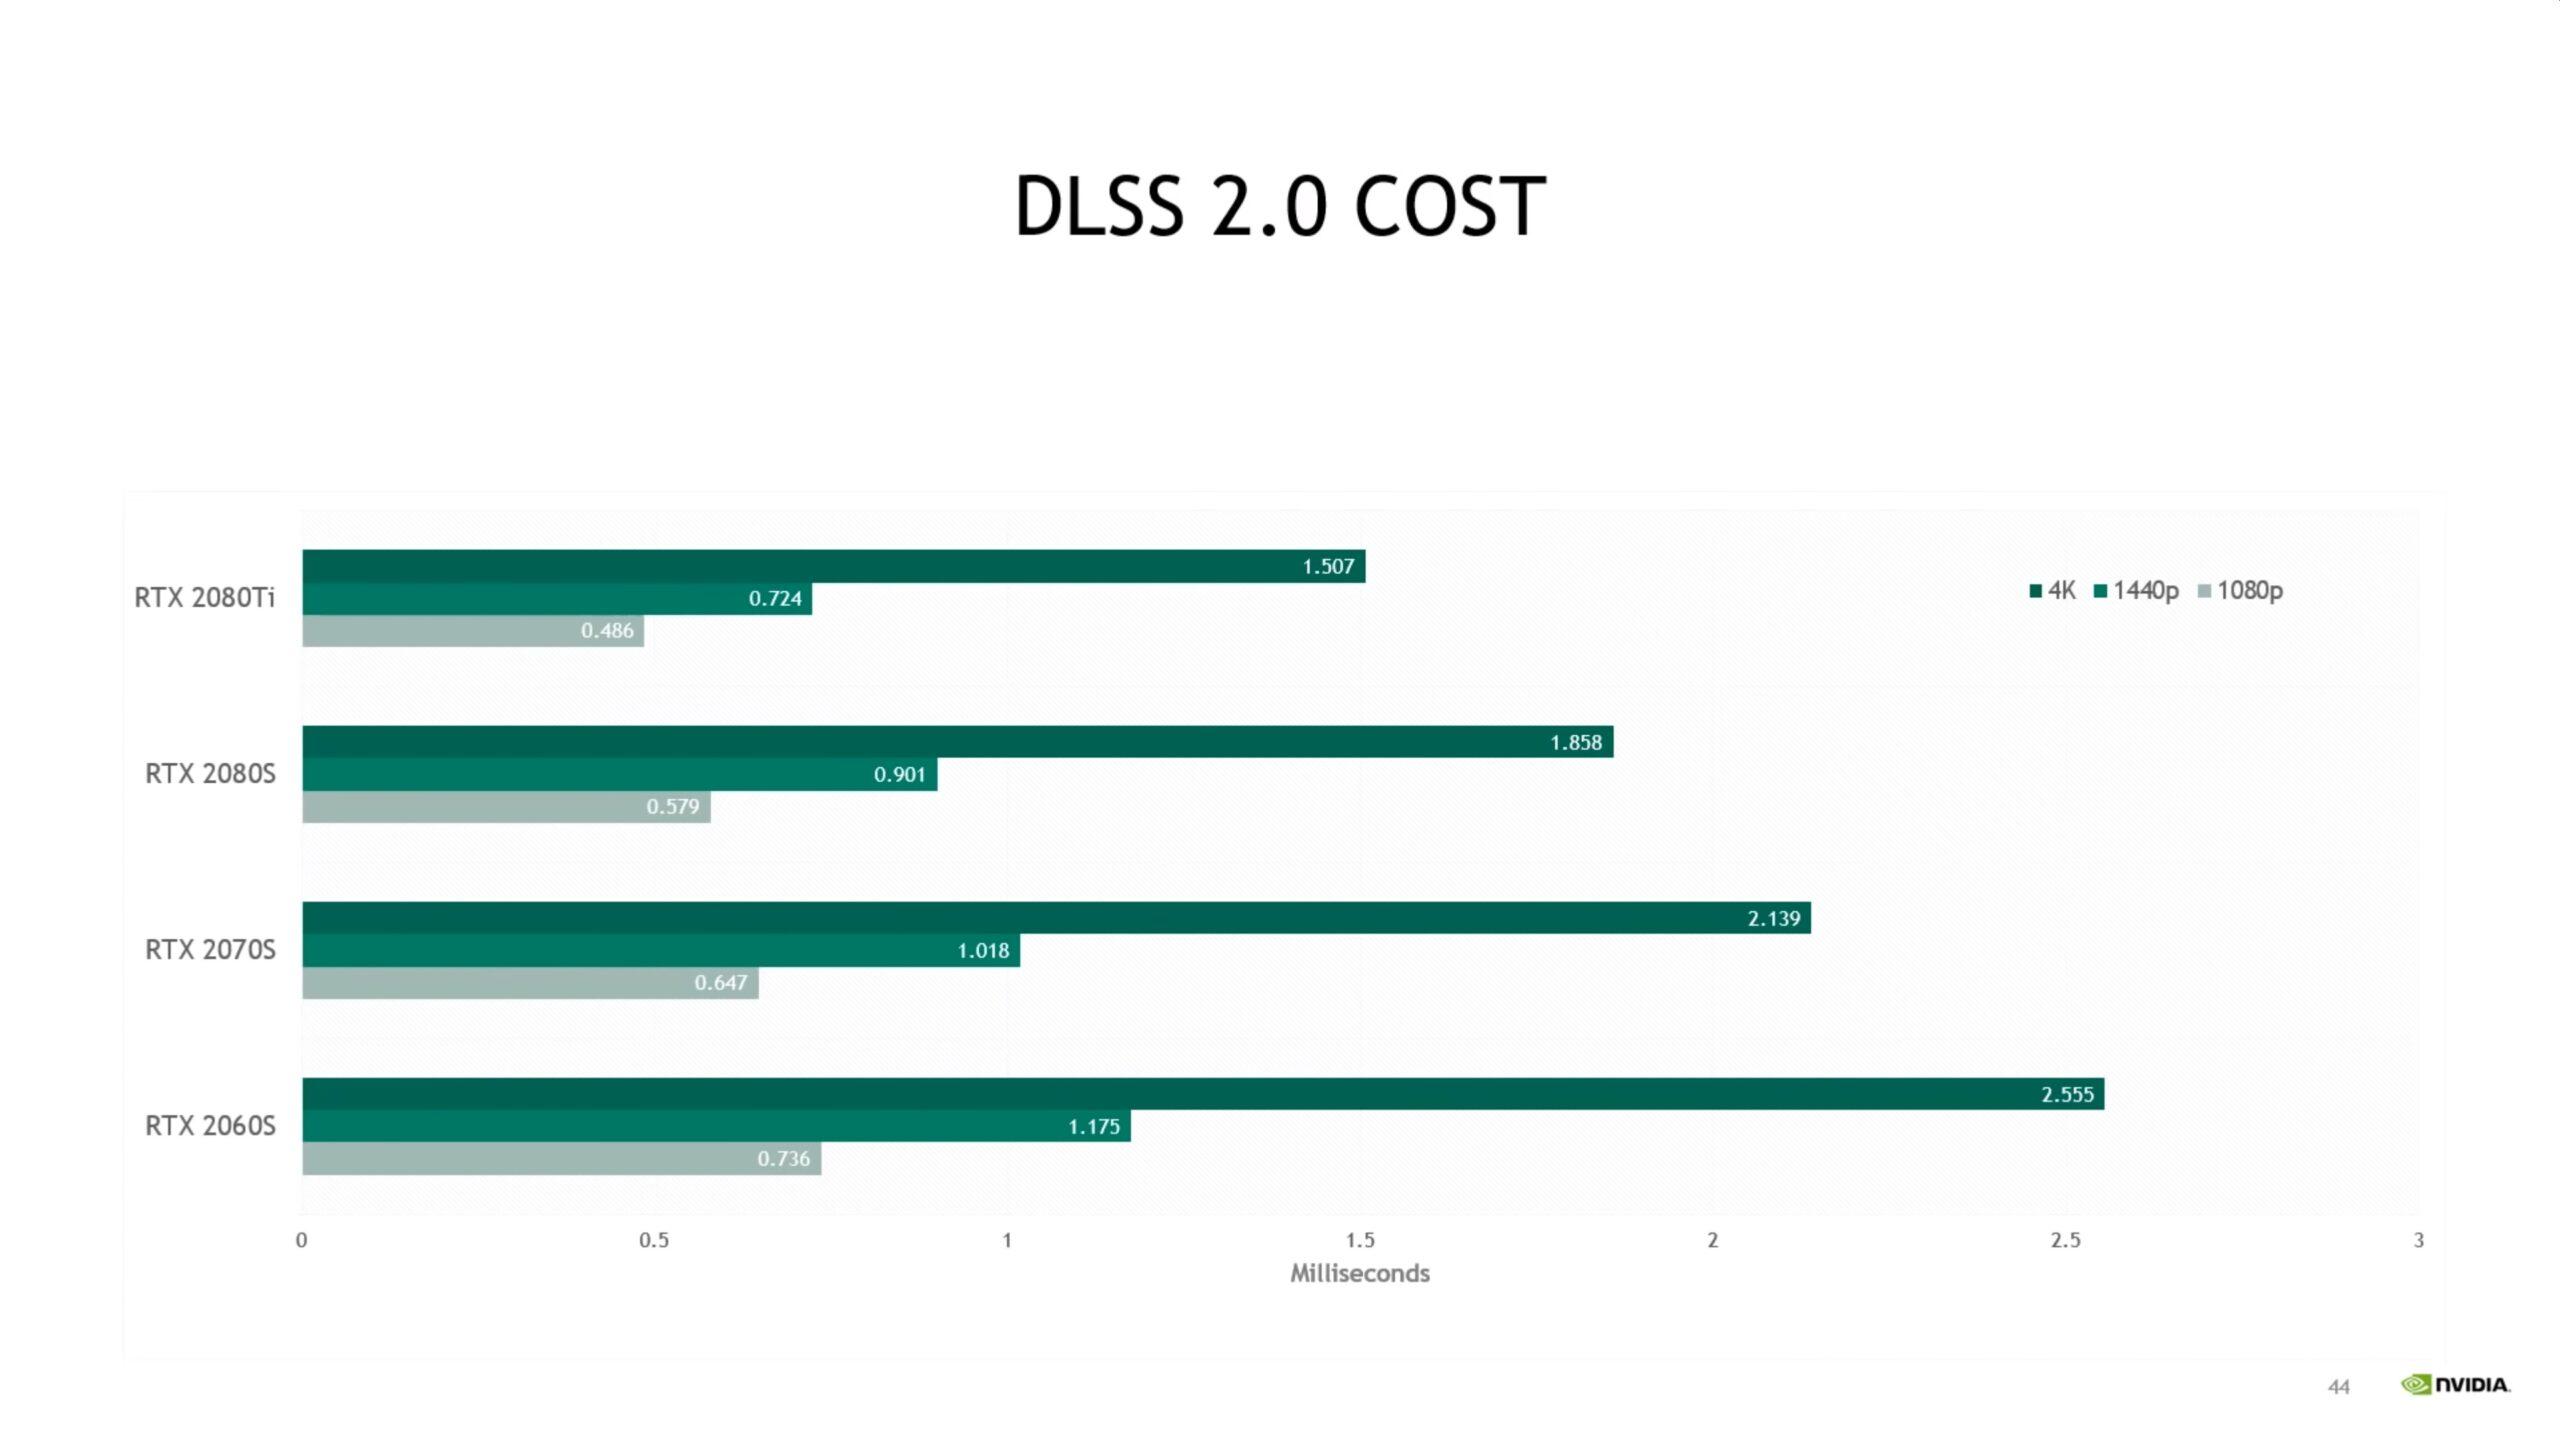 Nvidia presenta nuevas imágenes sobre cómo surge la 'magia' del DLSS 2.0 10